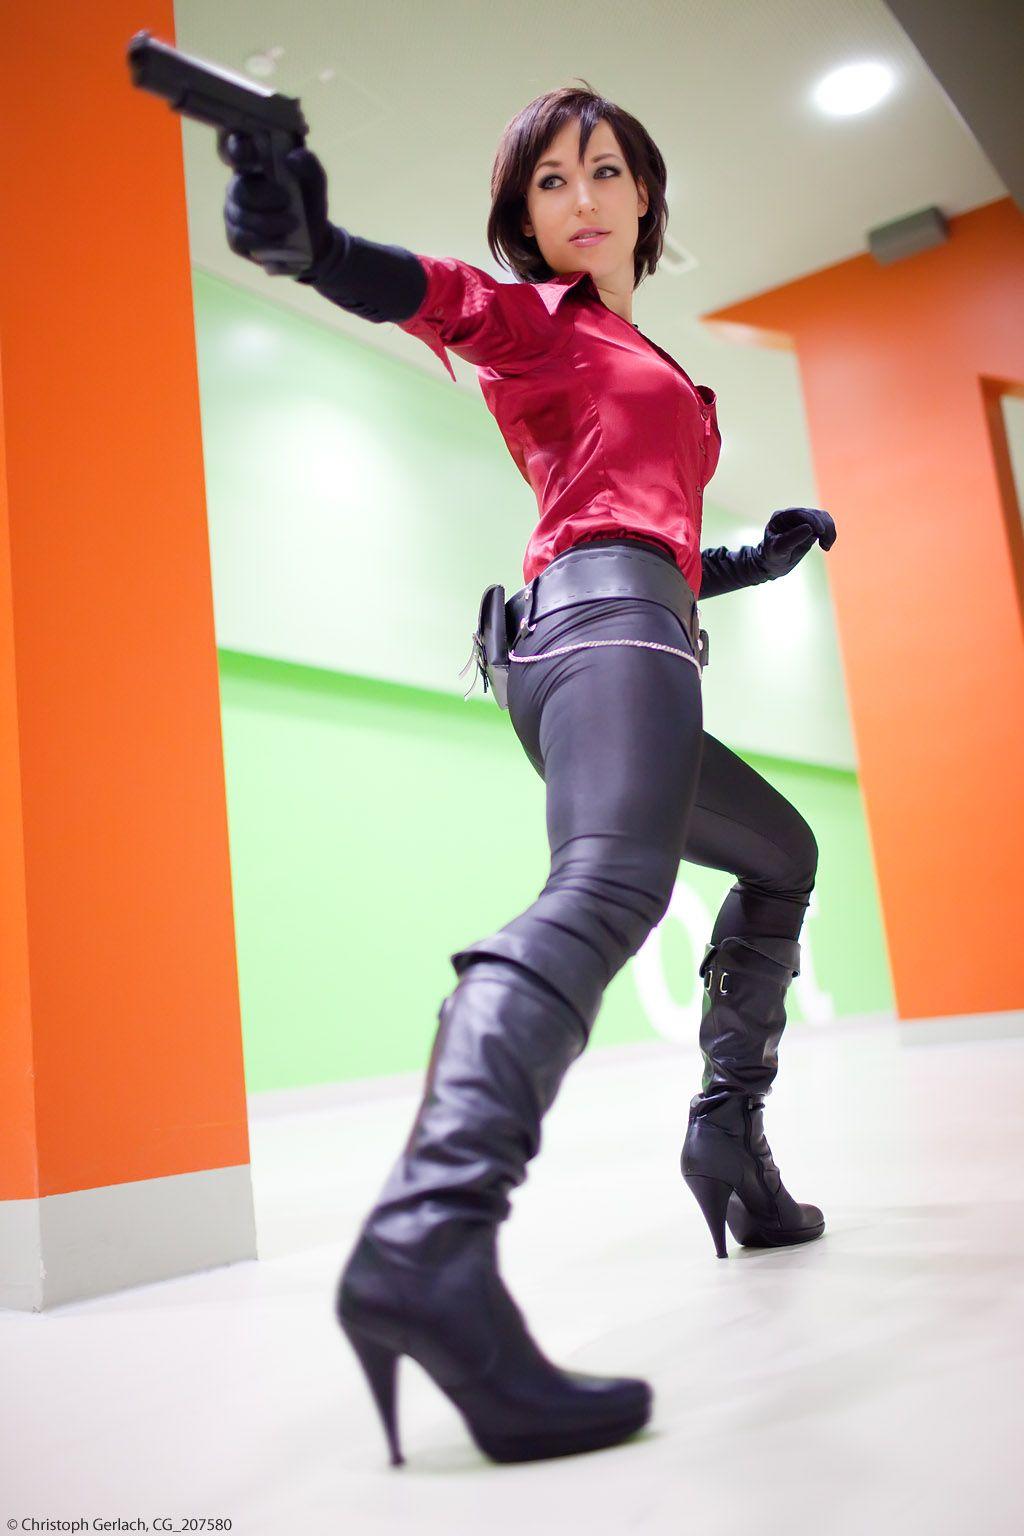 Cosplay girl #4 Ada Wong